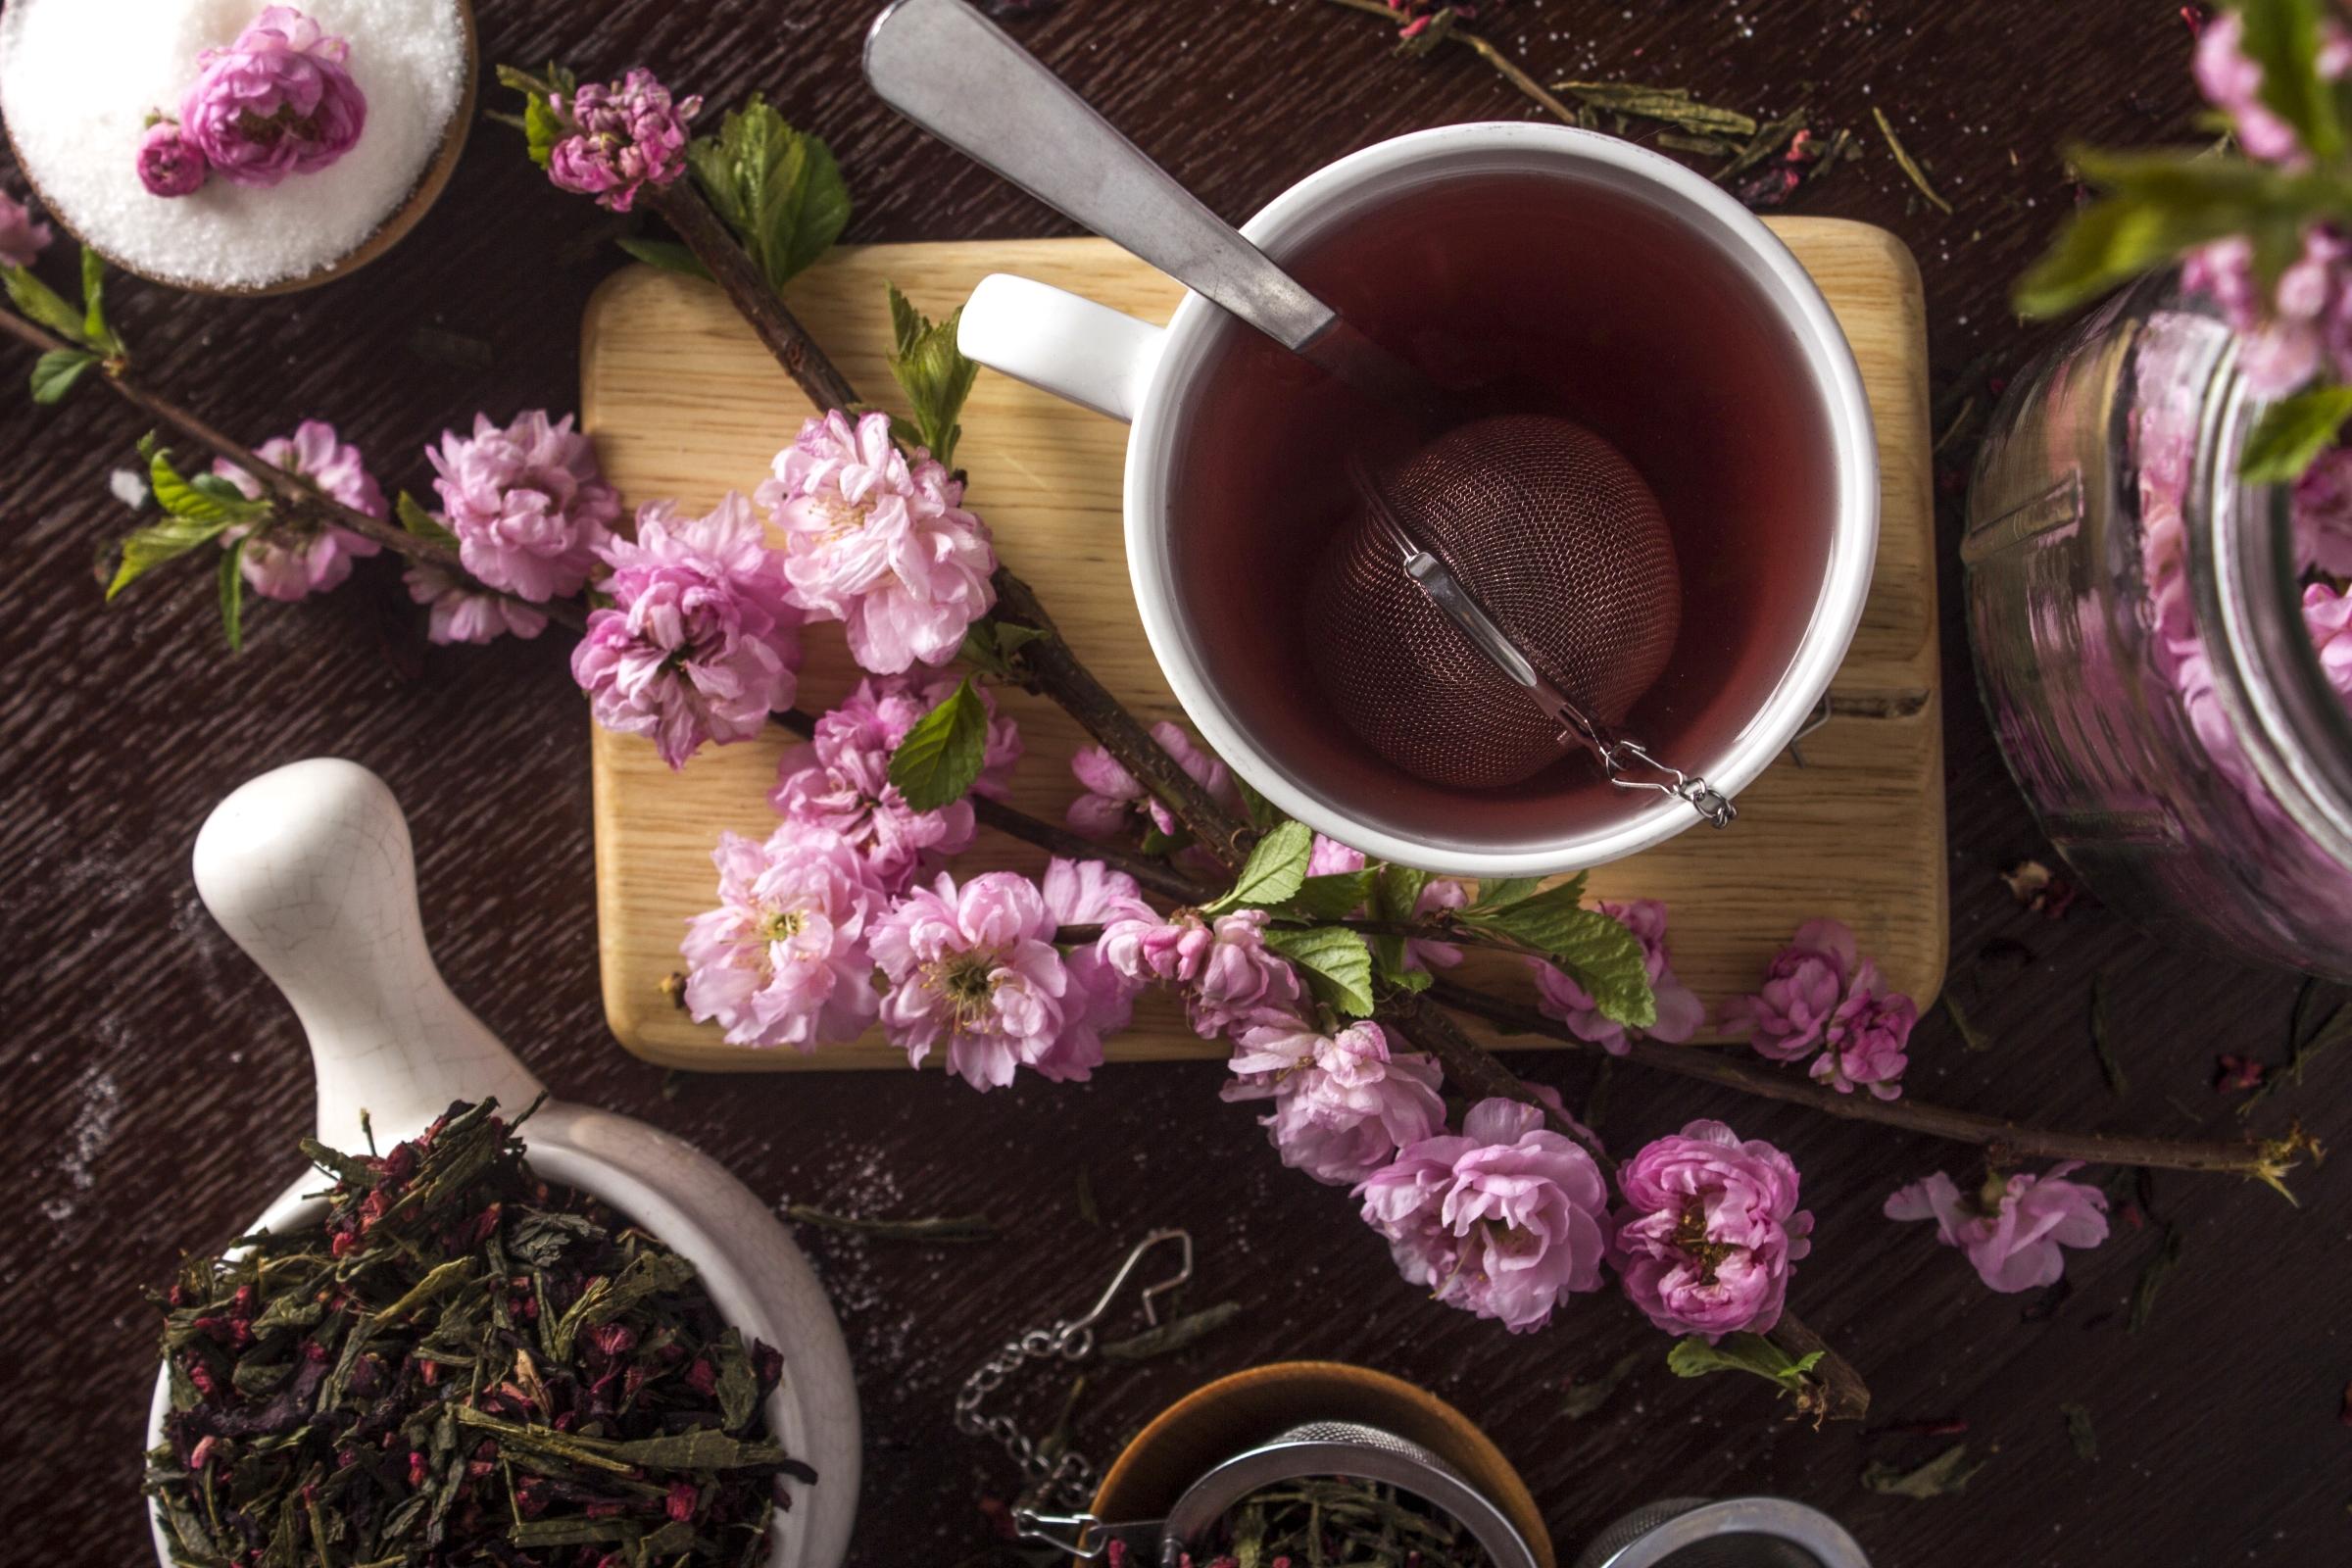 жереха, цветы чая картинки поняла, себя